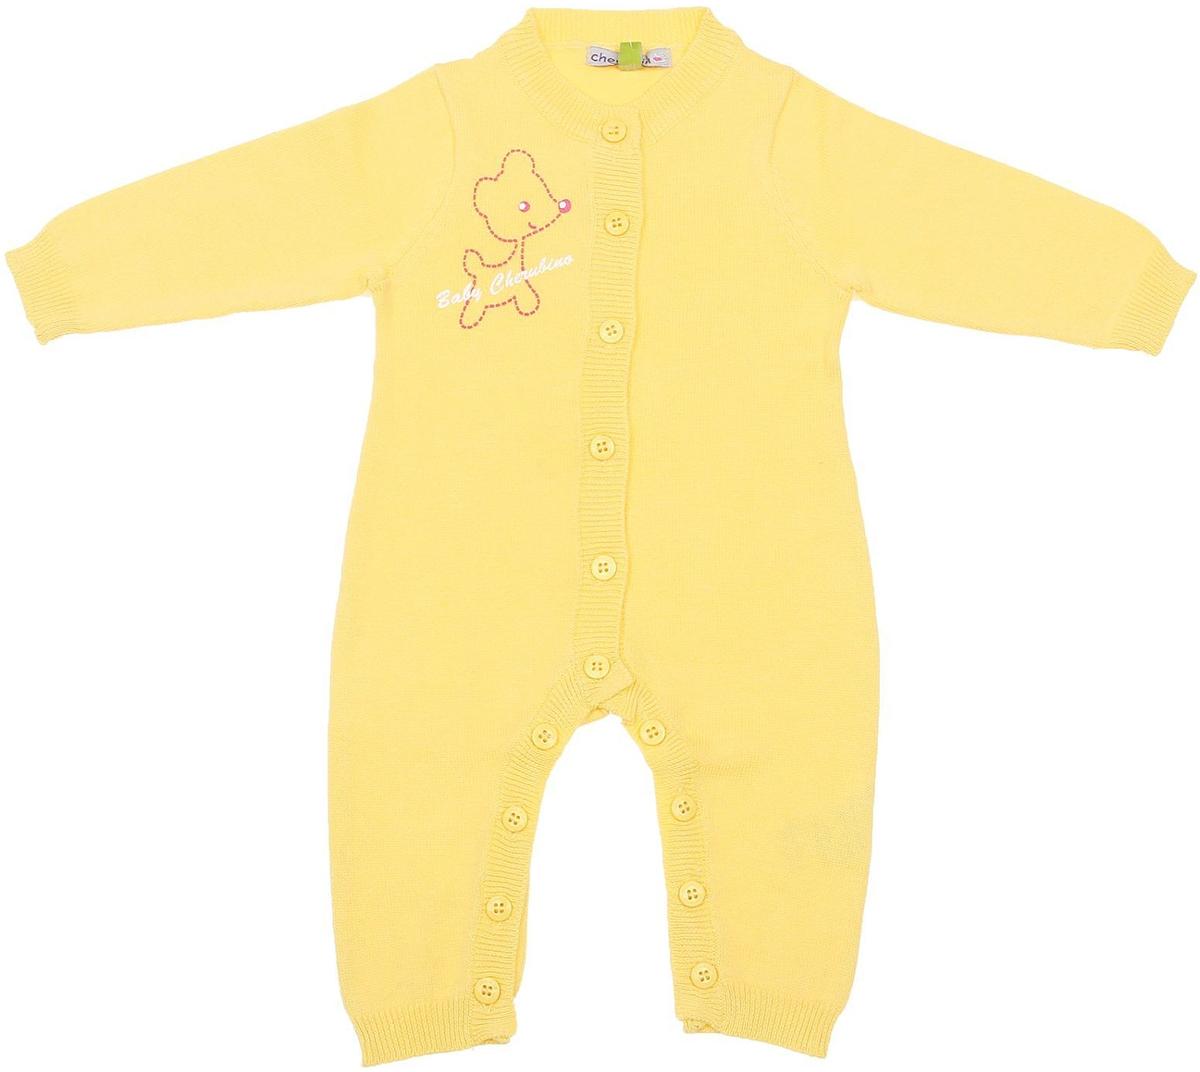 Комбинезон для девочки Cherubino, цвет: желтый. CN 4W001. Размер 68CN 4W001Комбинезон вязаный для девочки Cherubino изготовлен из мягкой хлопковой пряжи, благодаря чему он необычайно мягкий и приятный на ощупь, не раздражает нежную кожу ребенка и хорошо вентилируется, а эластичные швы приятны телу малыша и не препятствуют его движениям. Застегивается на пуговицы.